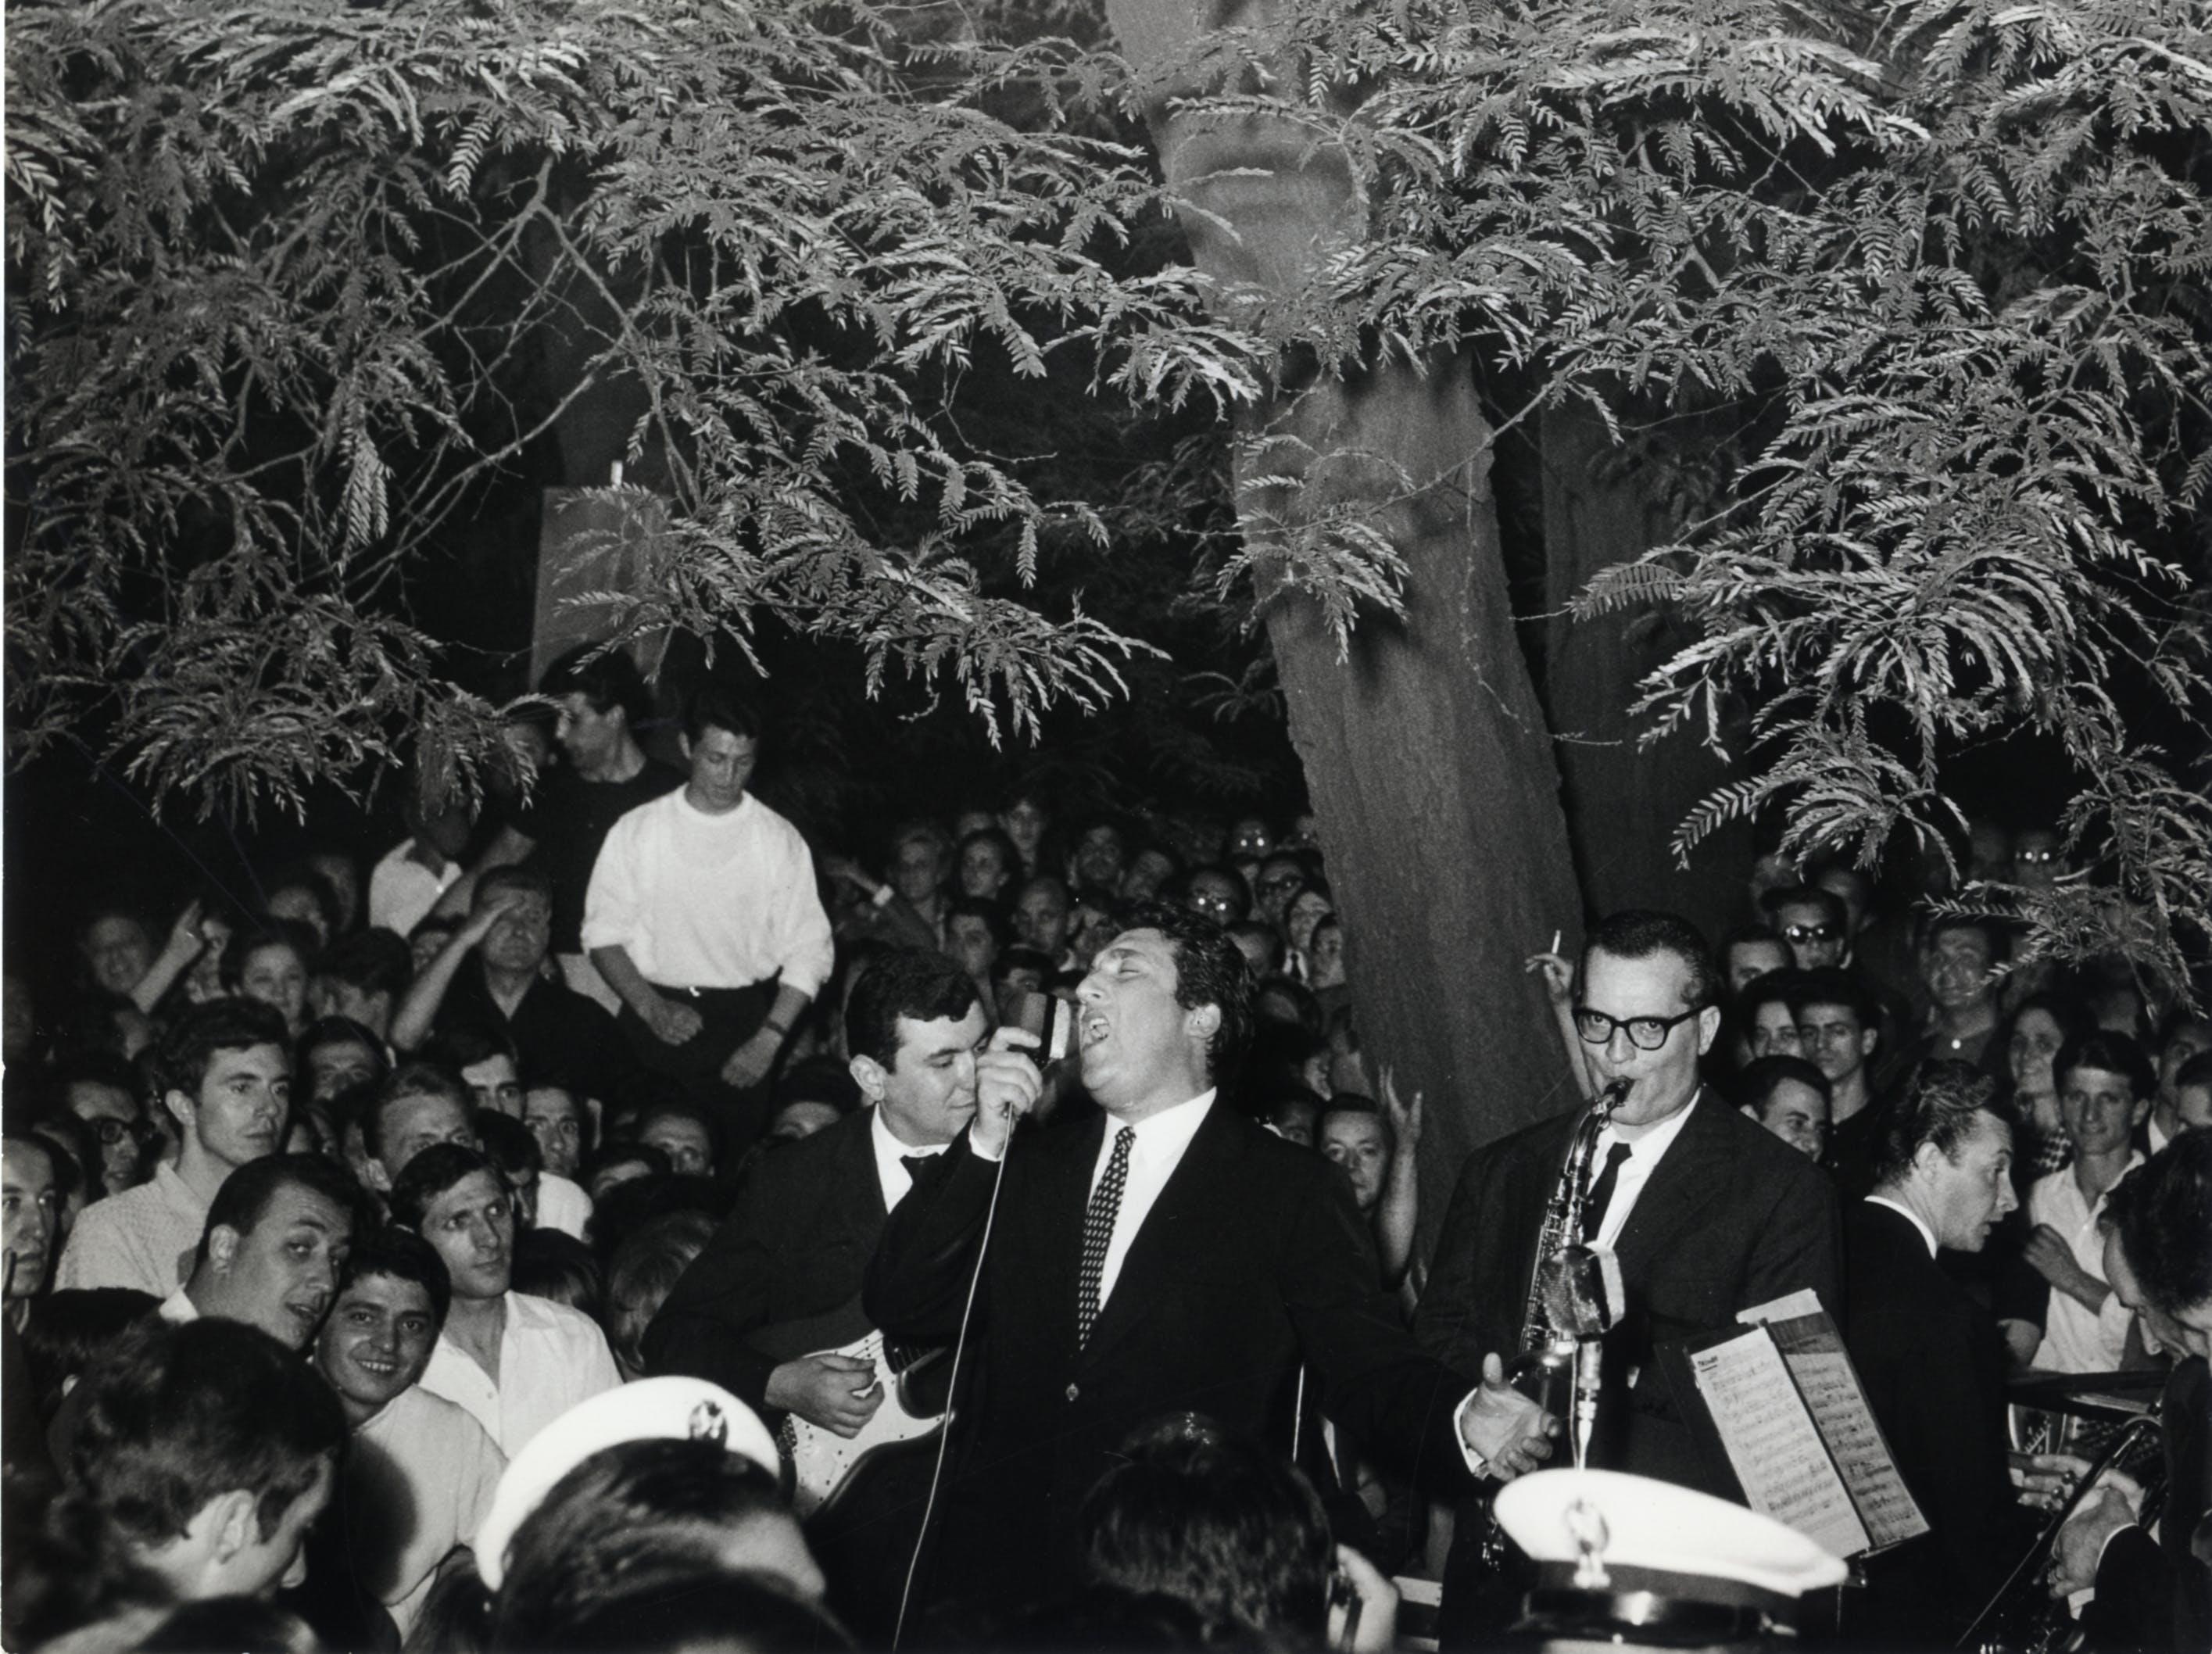 1964, XIII Triennale, Toni Dallara durante uno spettacolo serale nel giardino della Triennale